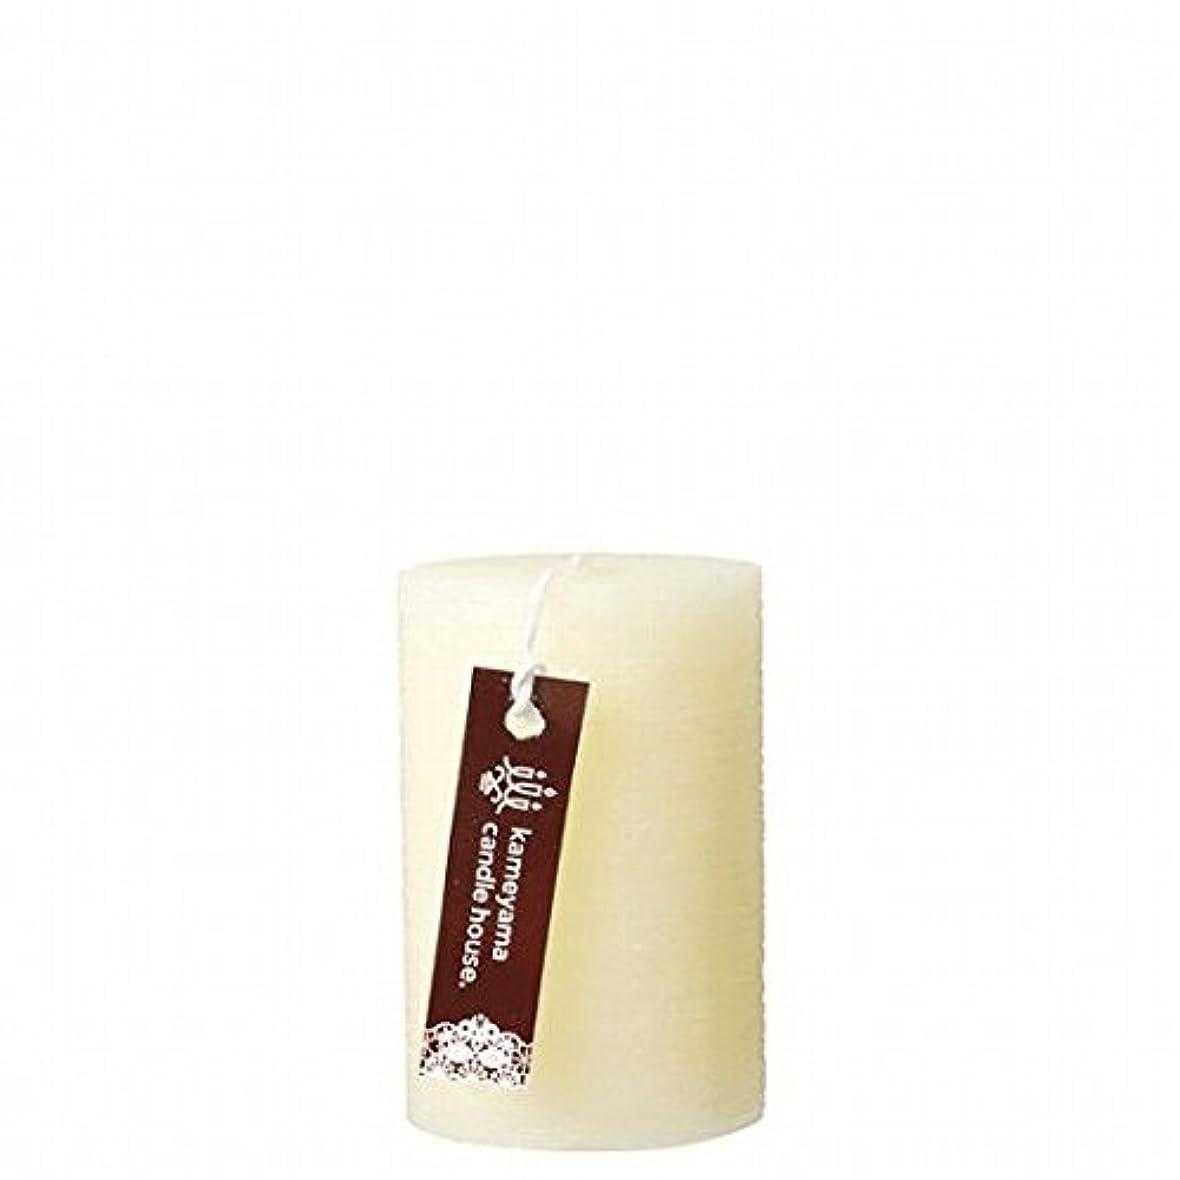 快適以降撃退するkameyama candle(カメヤマキャンドル) ブラッシュピラー2×3 「 アイボリー 」(A8310000IV)